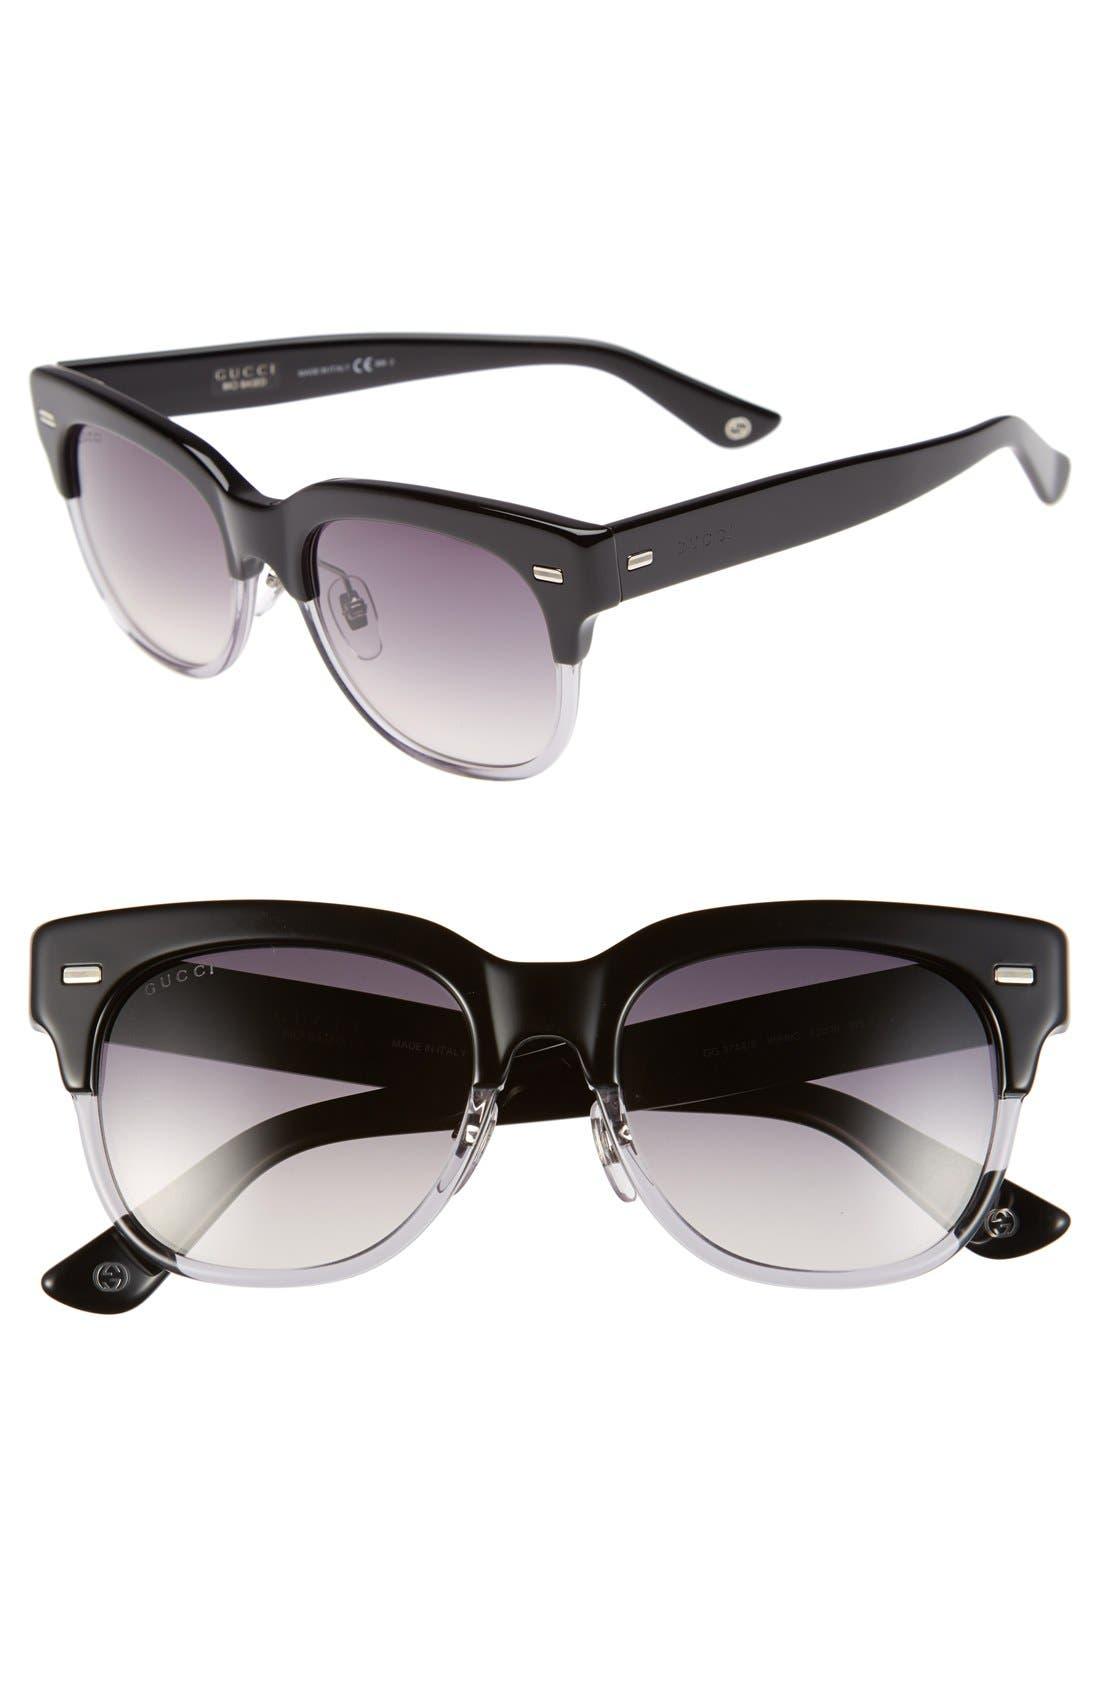 52mm Retro Sunglasses,                         Main,                         color, 001